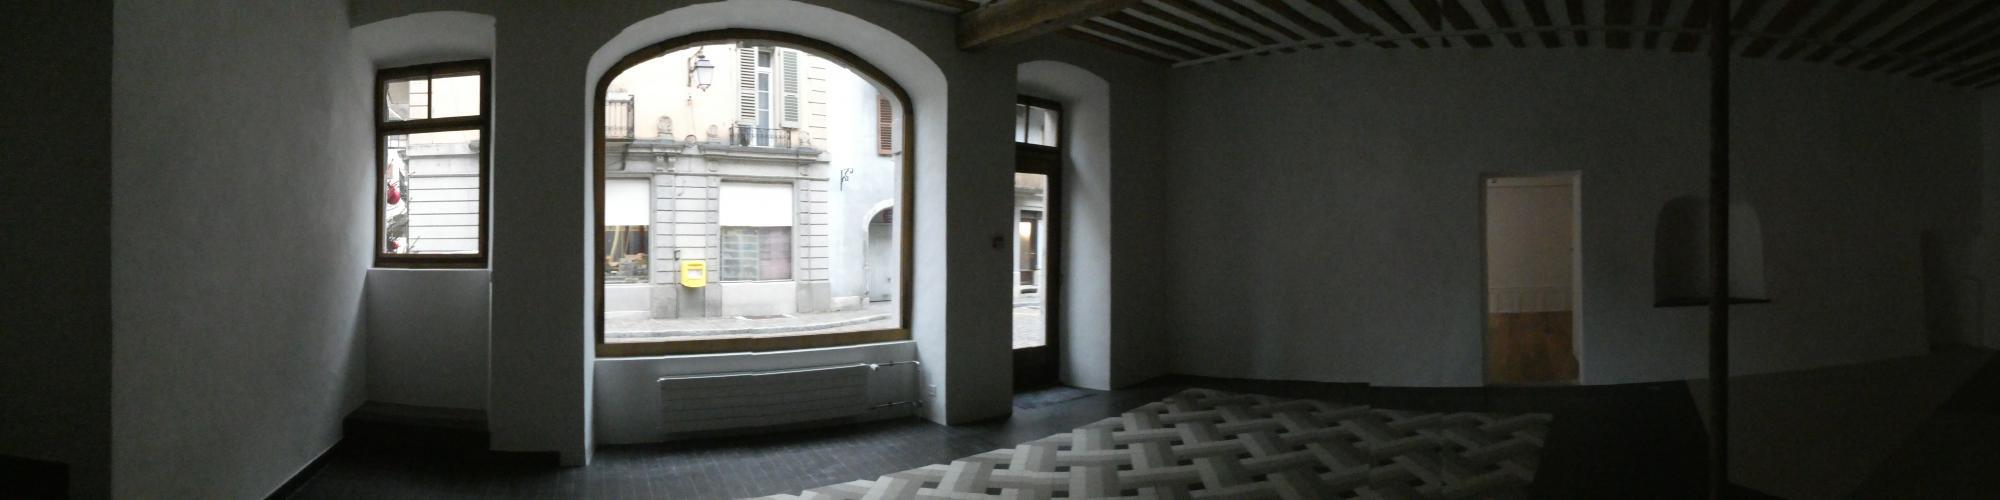 Fondation Ateliers d'Artiste